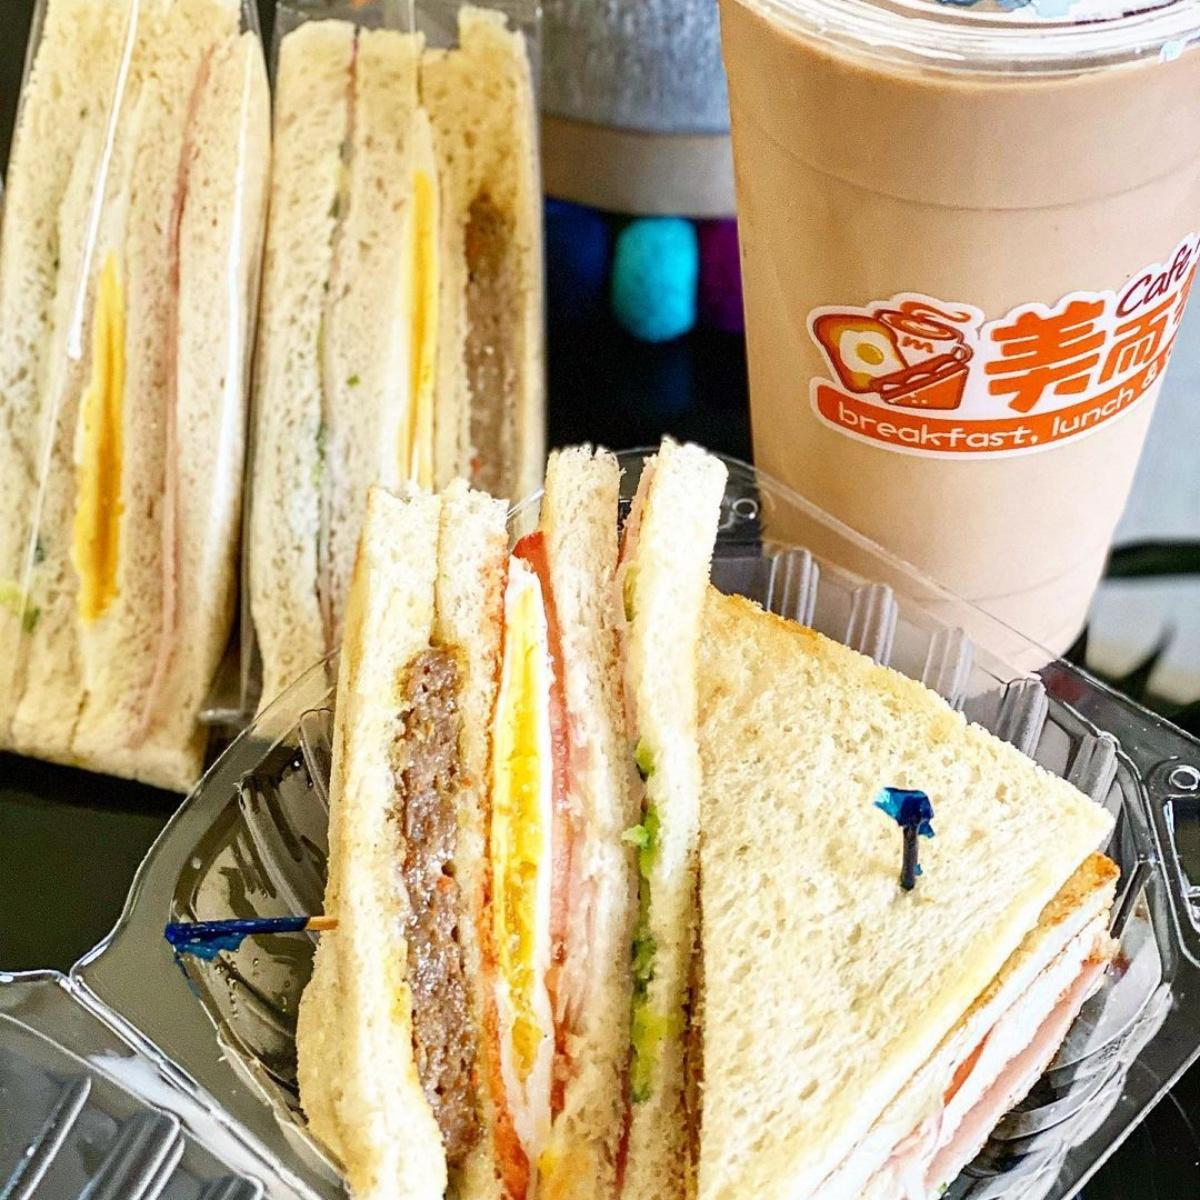 正統「大冰奶」來了!台灣「美而美」早餐進軍加州,「鐵板麵、烤三明治」通通吃得到